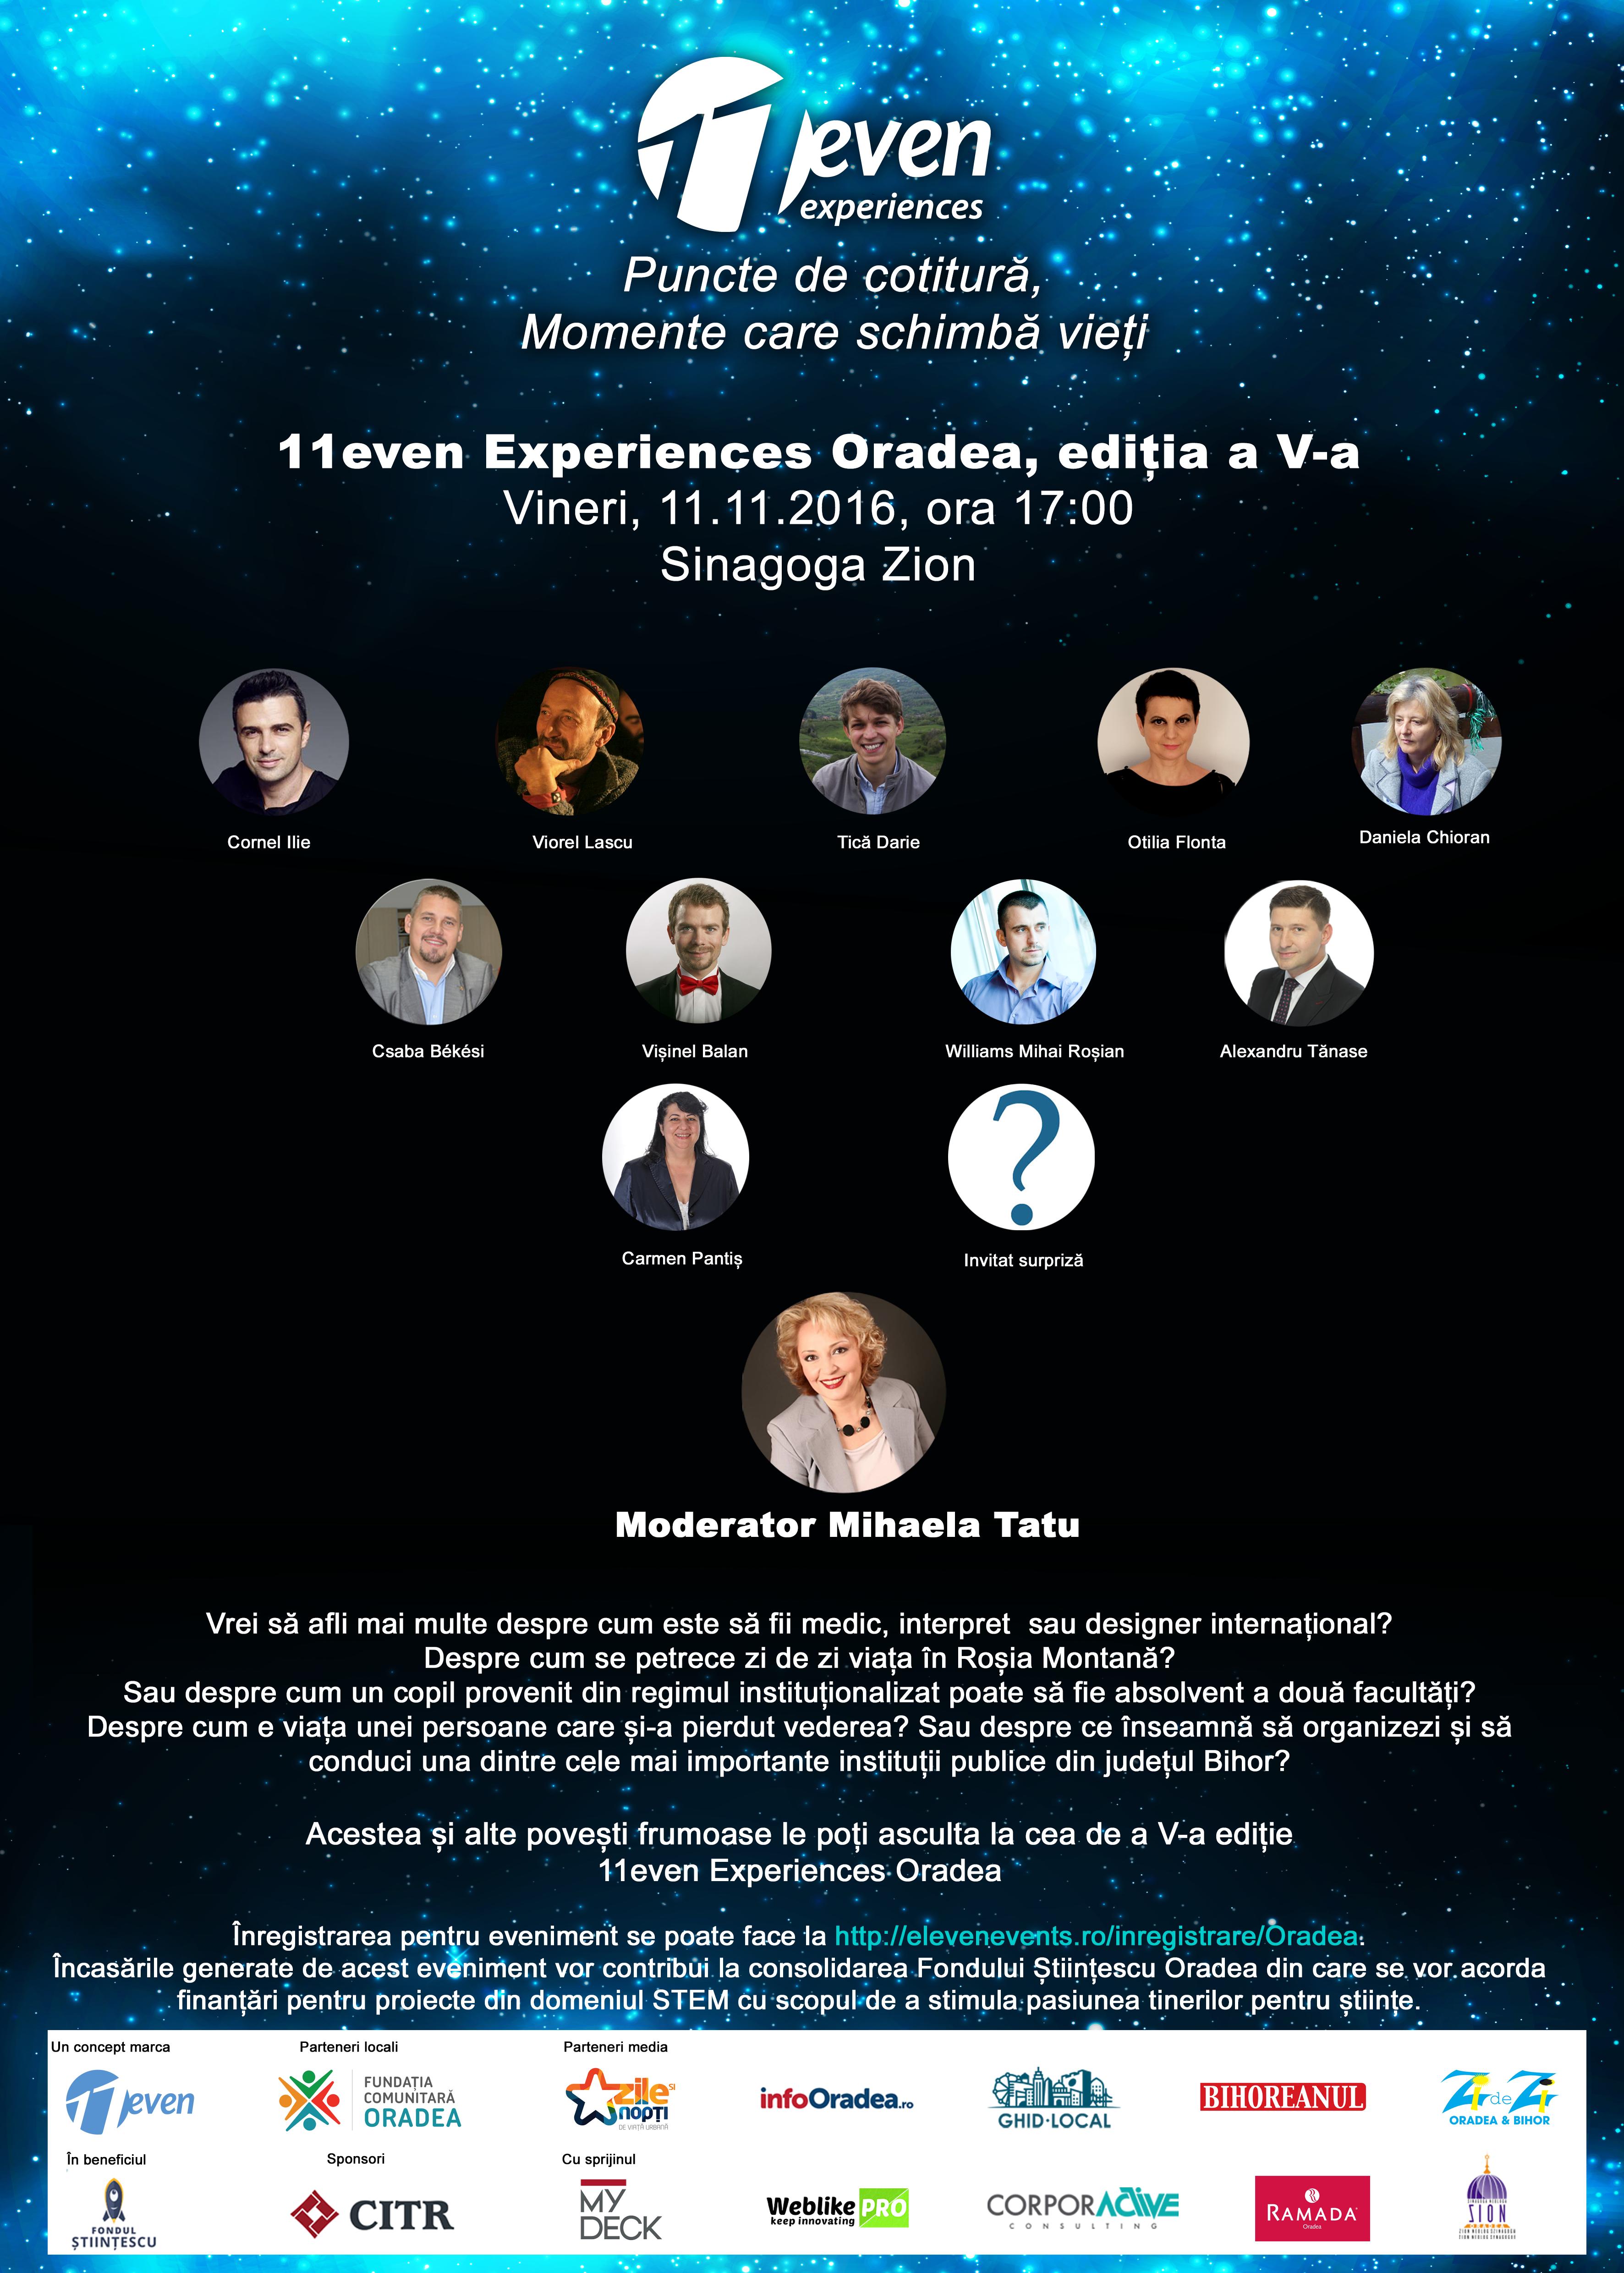 11even Experiences 2016 Oradea